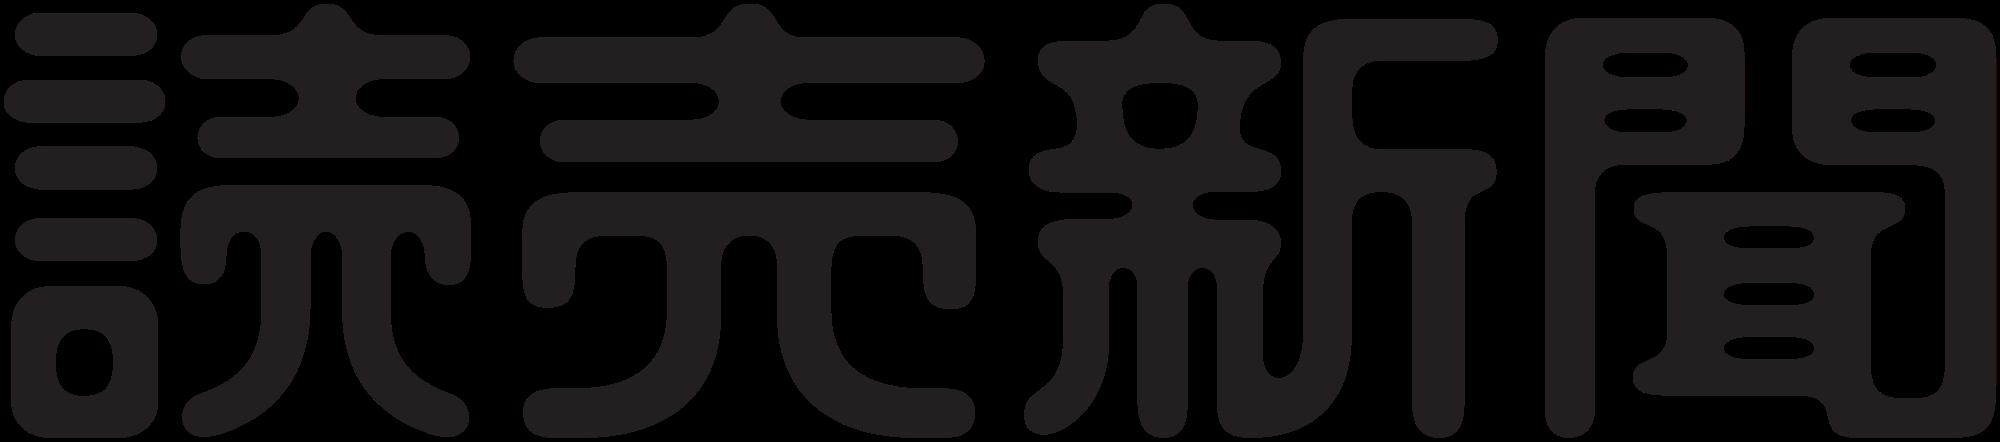 Yomiuri.png